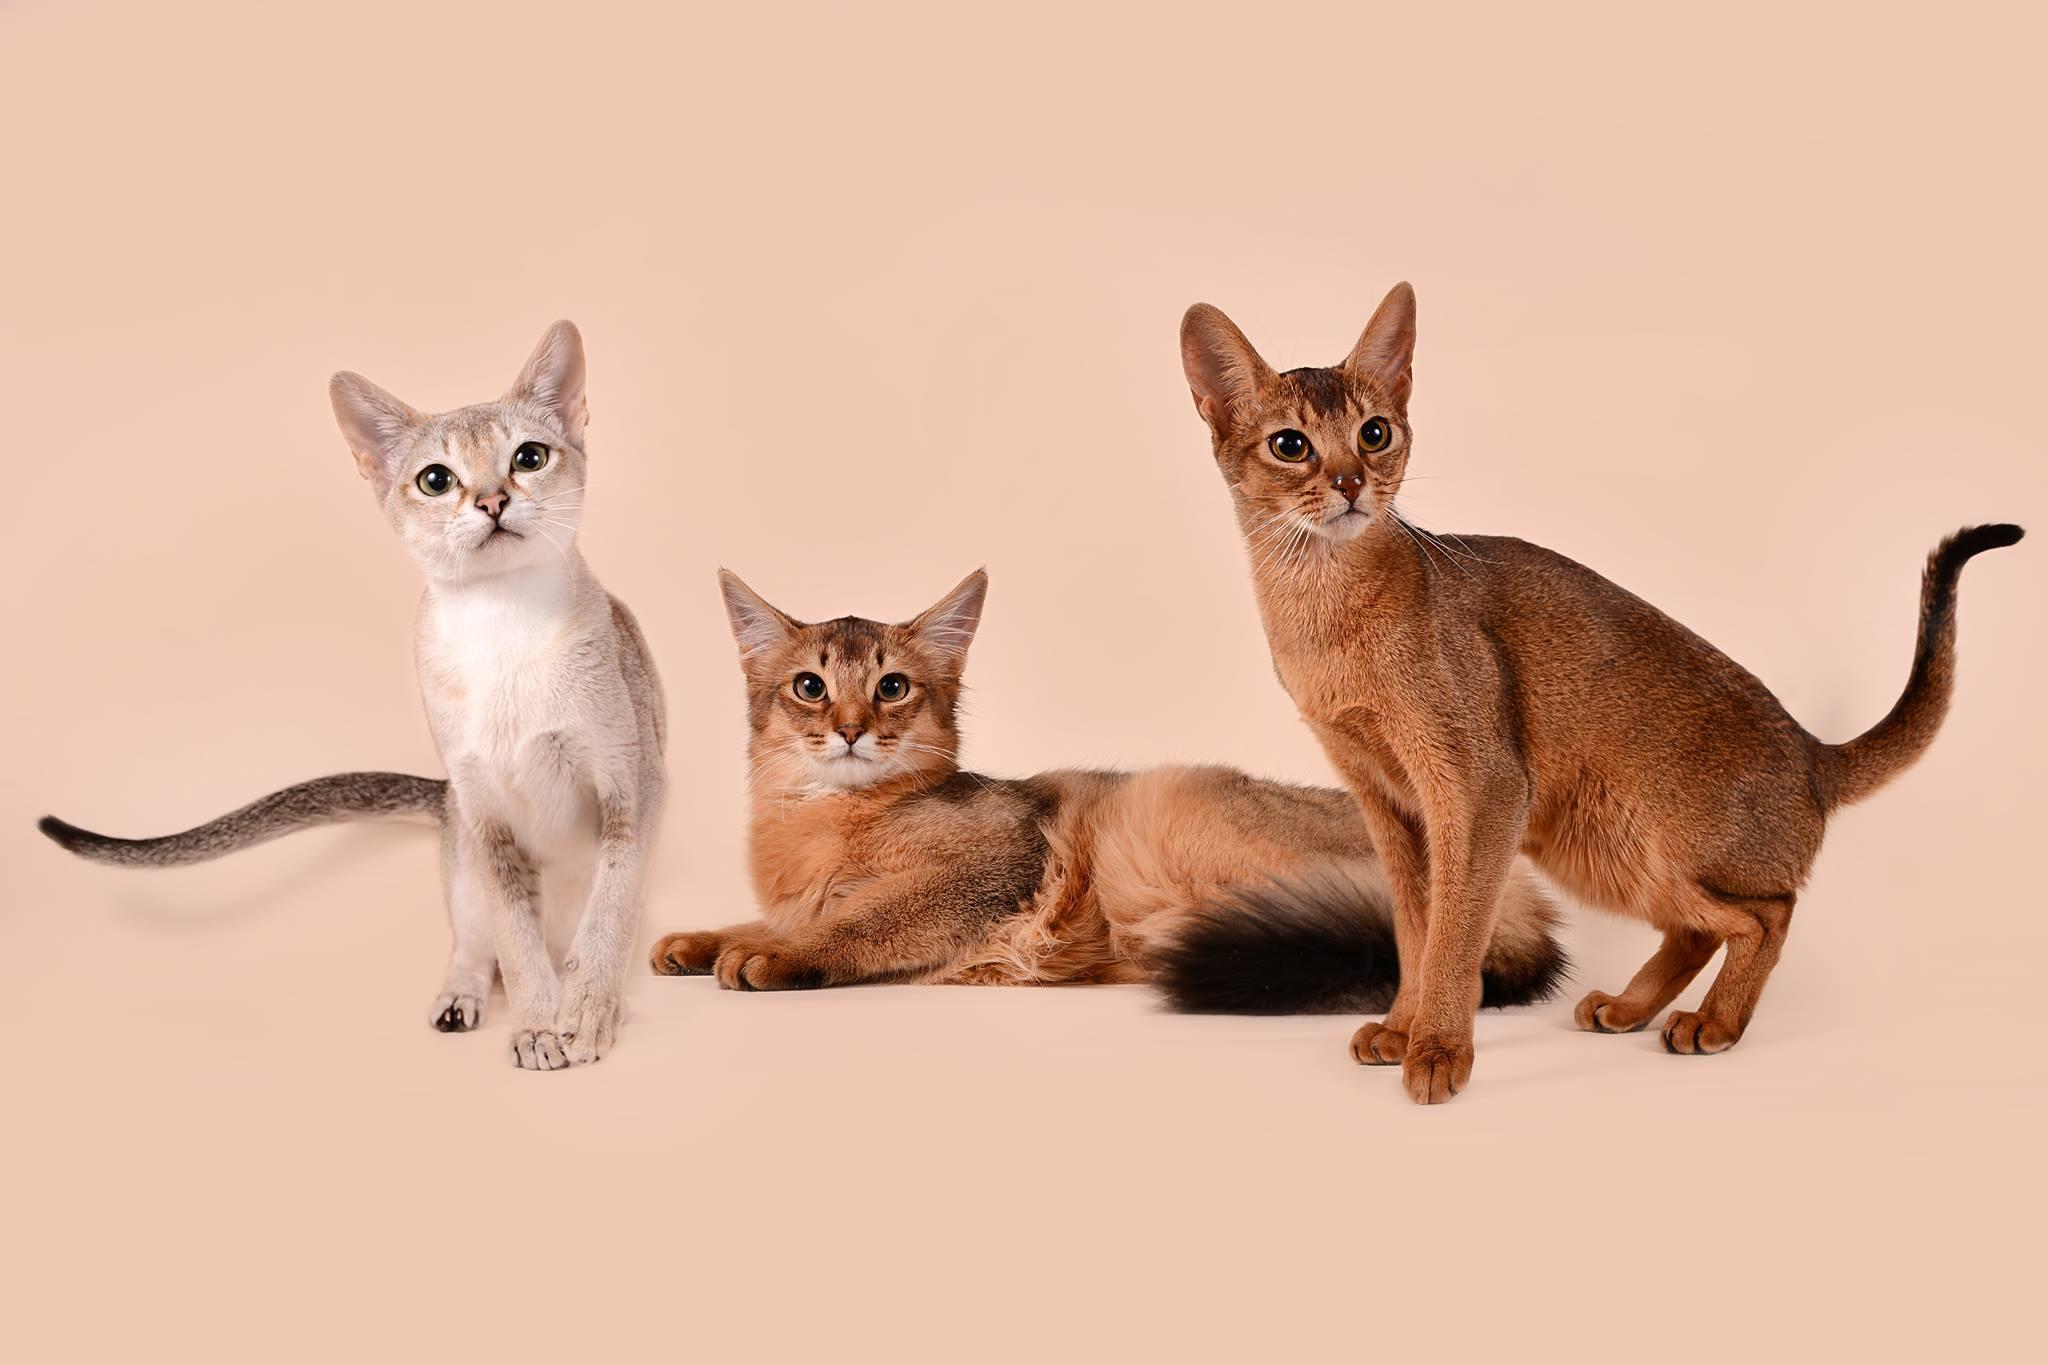 Mūsų tikslas gauti sveikus, gražius, švelnius kačiukus ir kad naujiems namams jie neštų meilę, šilumą ir žaismingumą. Visada bendraujame su naujais šeimininkais, pataremia ir konsultuojame.